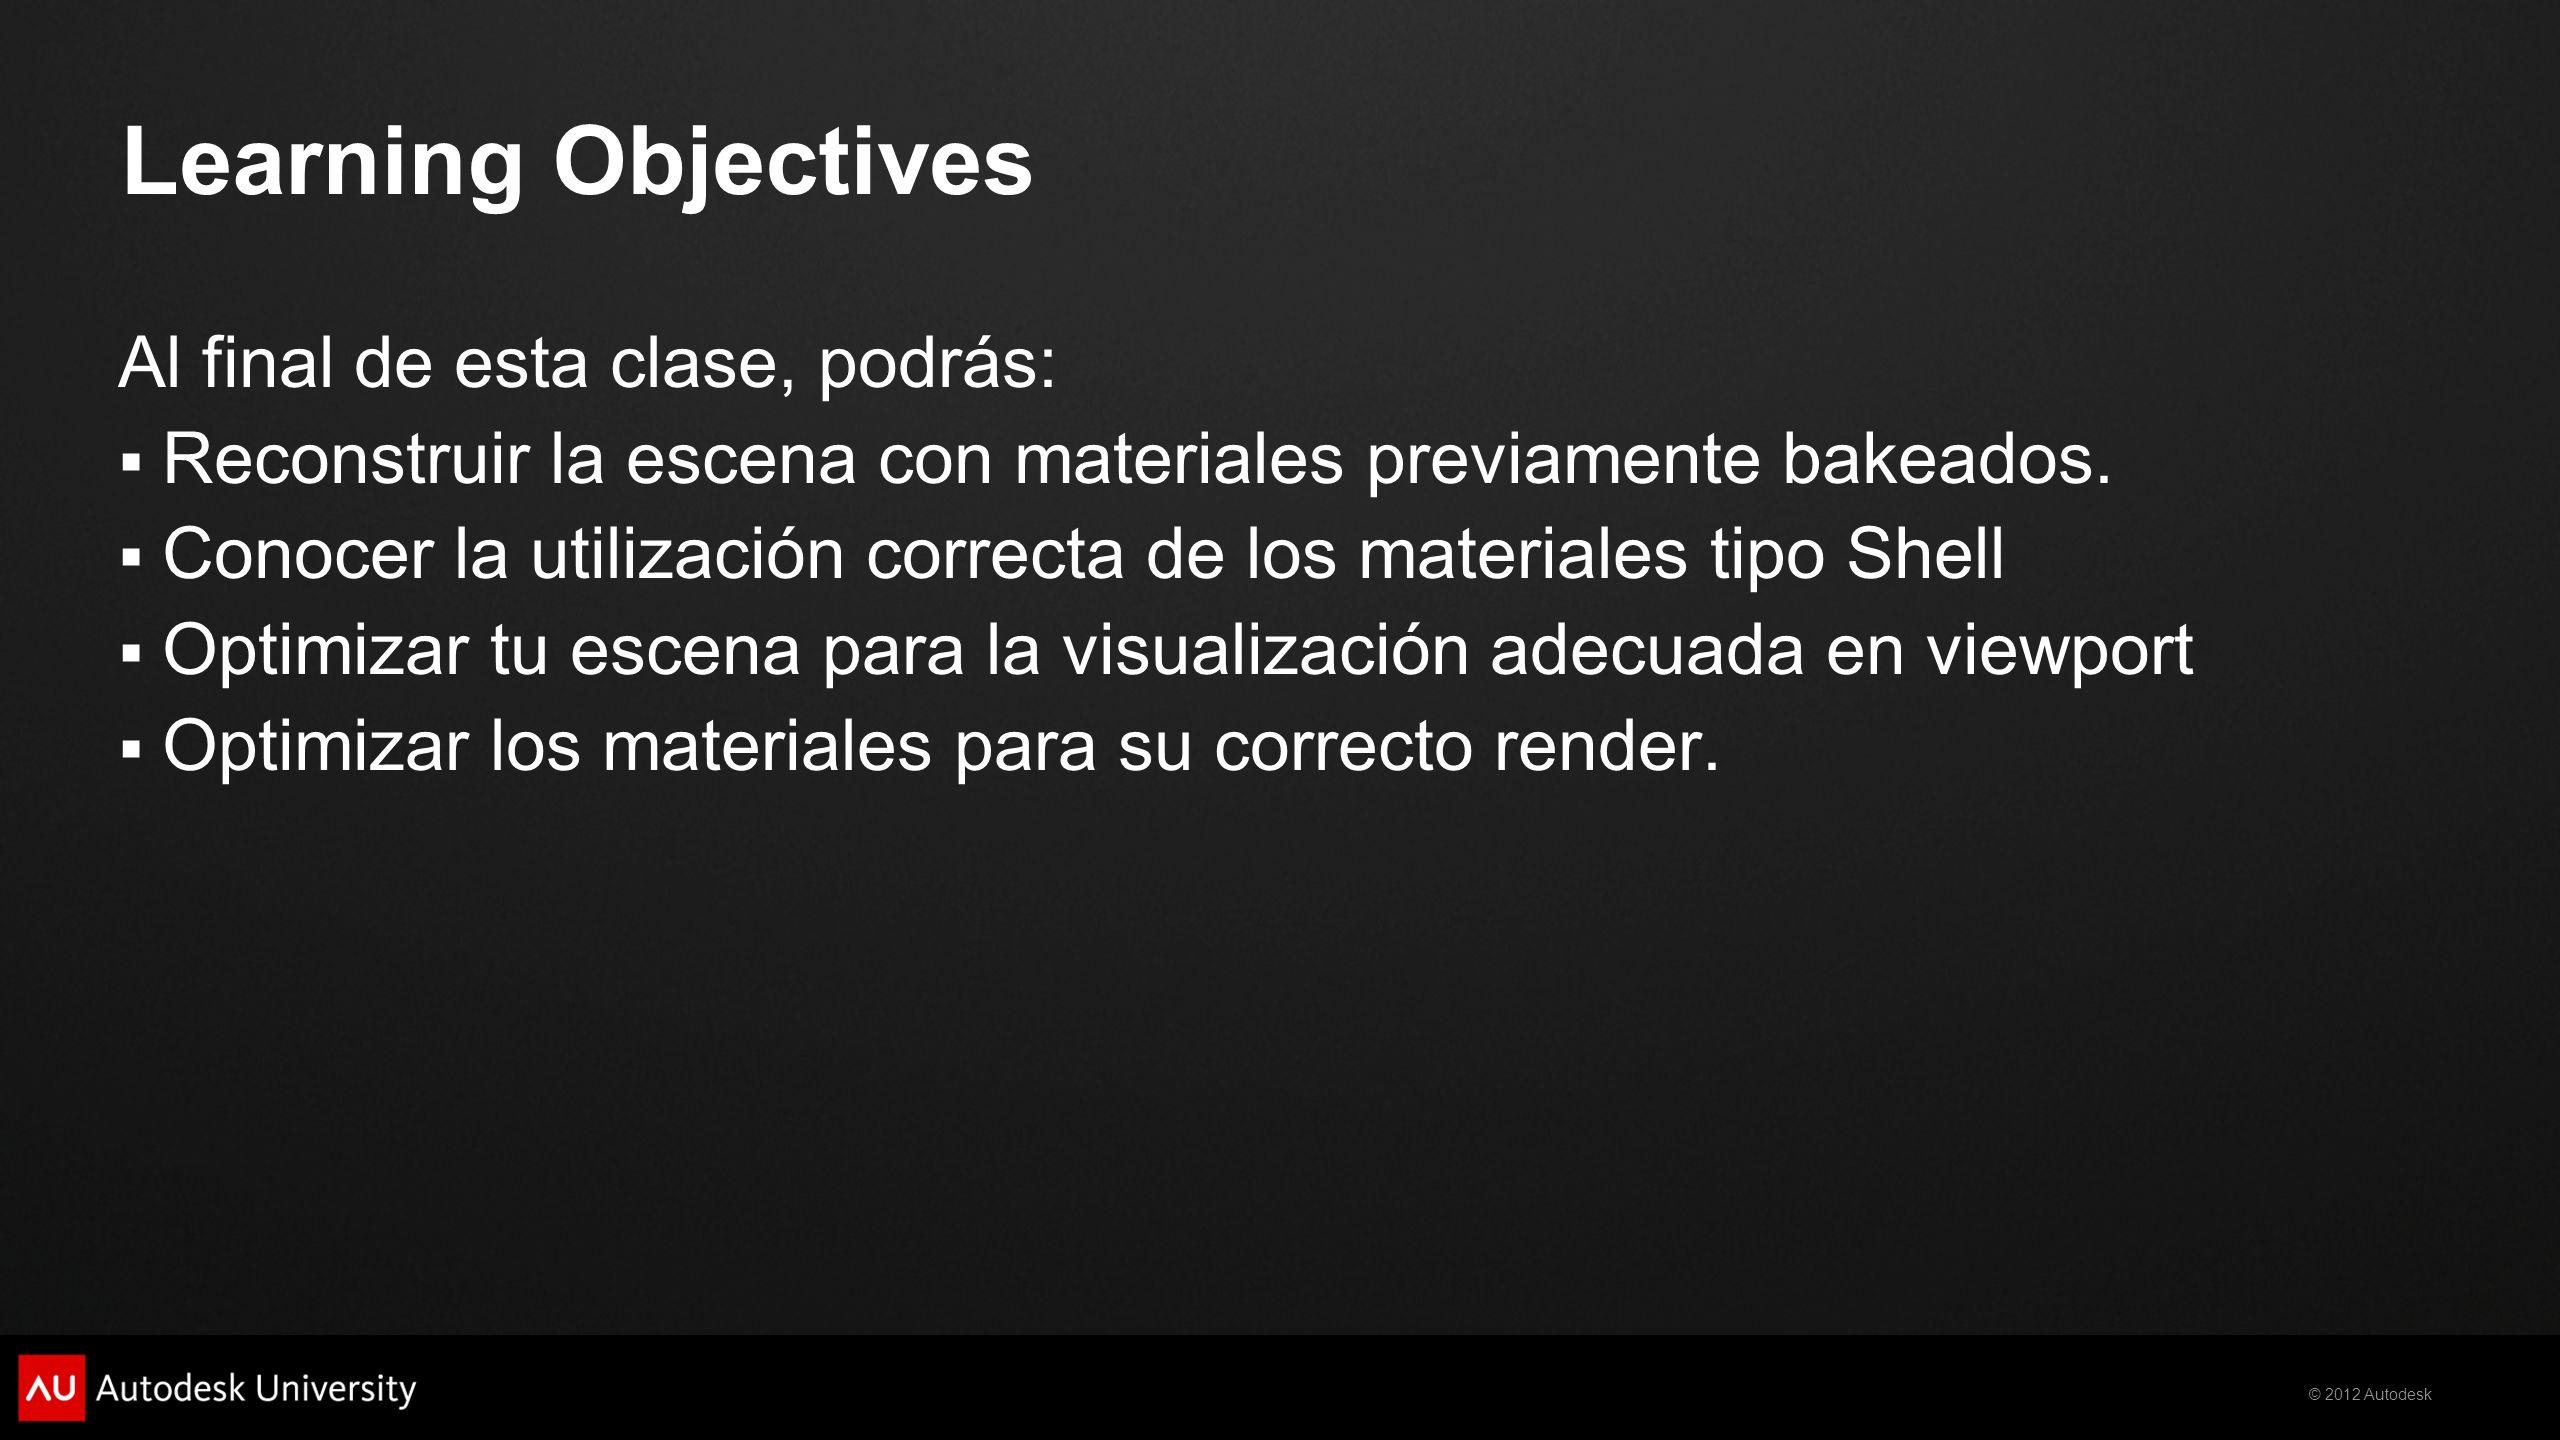 © 2012 Autodesk Learning Objectives Al final de esta clase, podrás: Reconstruir la escena con materiales previamente bakeados. Conocer la utilización